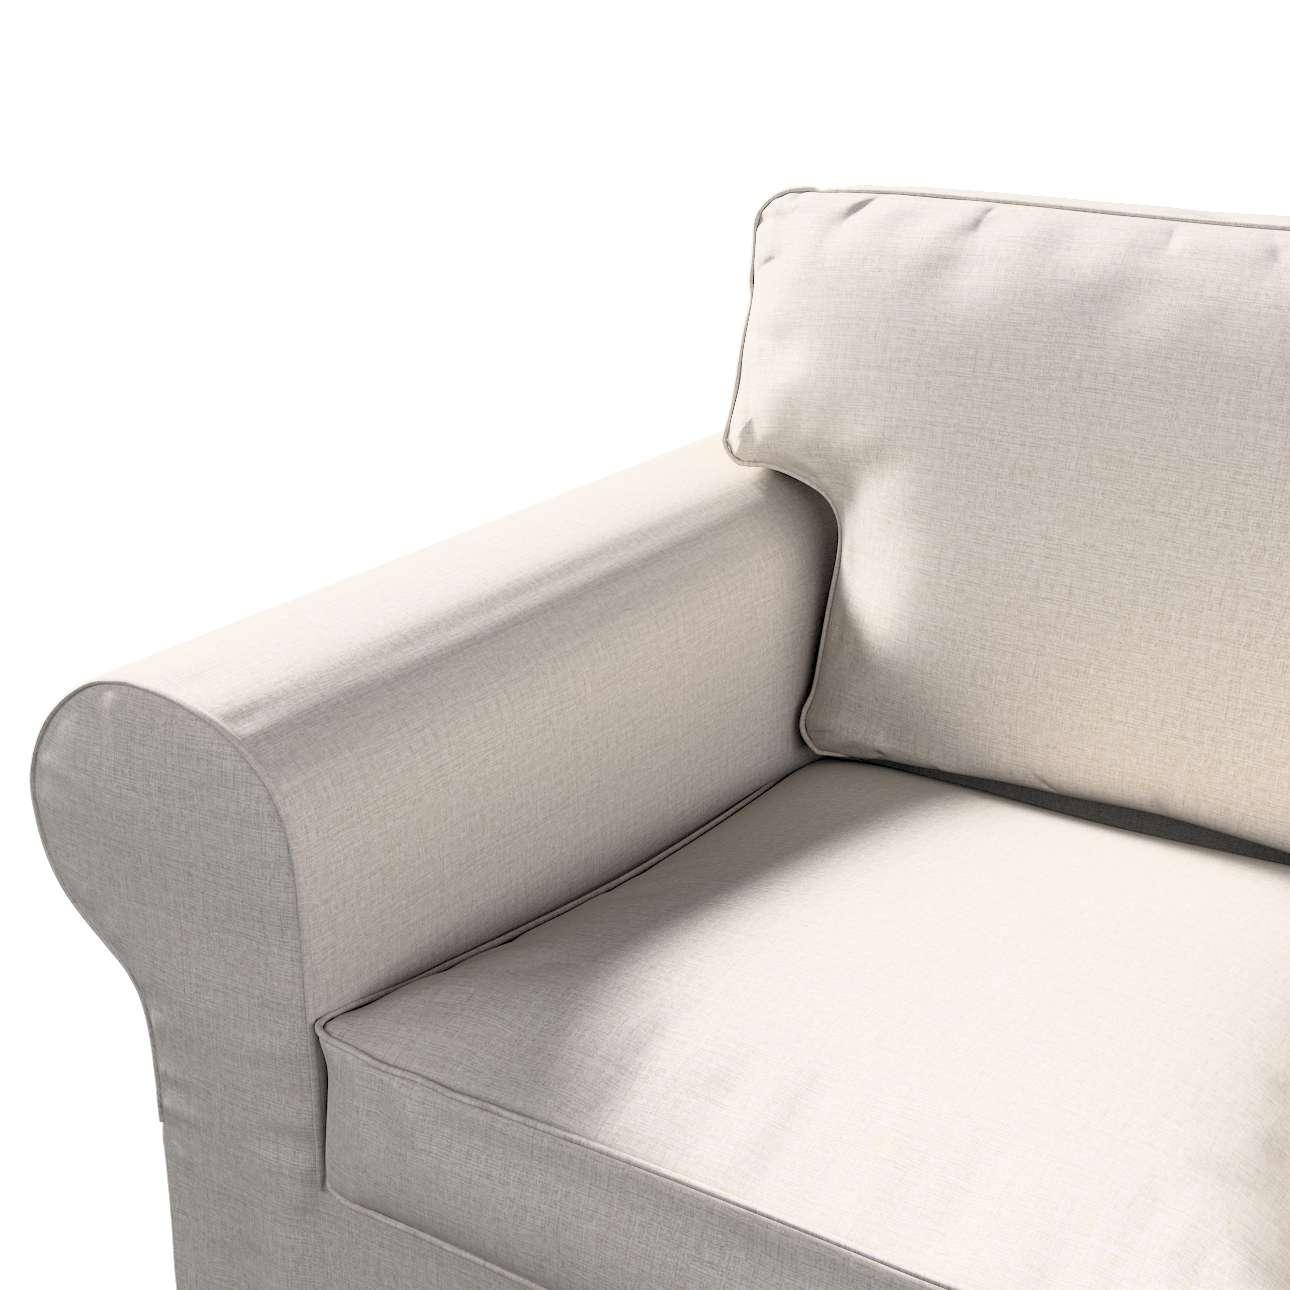 Pokrowiec na sofę Ektorp 2-osobową rozkładaną, model po 2012 w kolekcji Living II, tkanina: 161-00